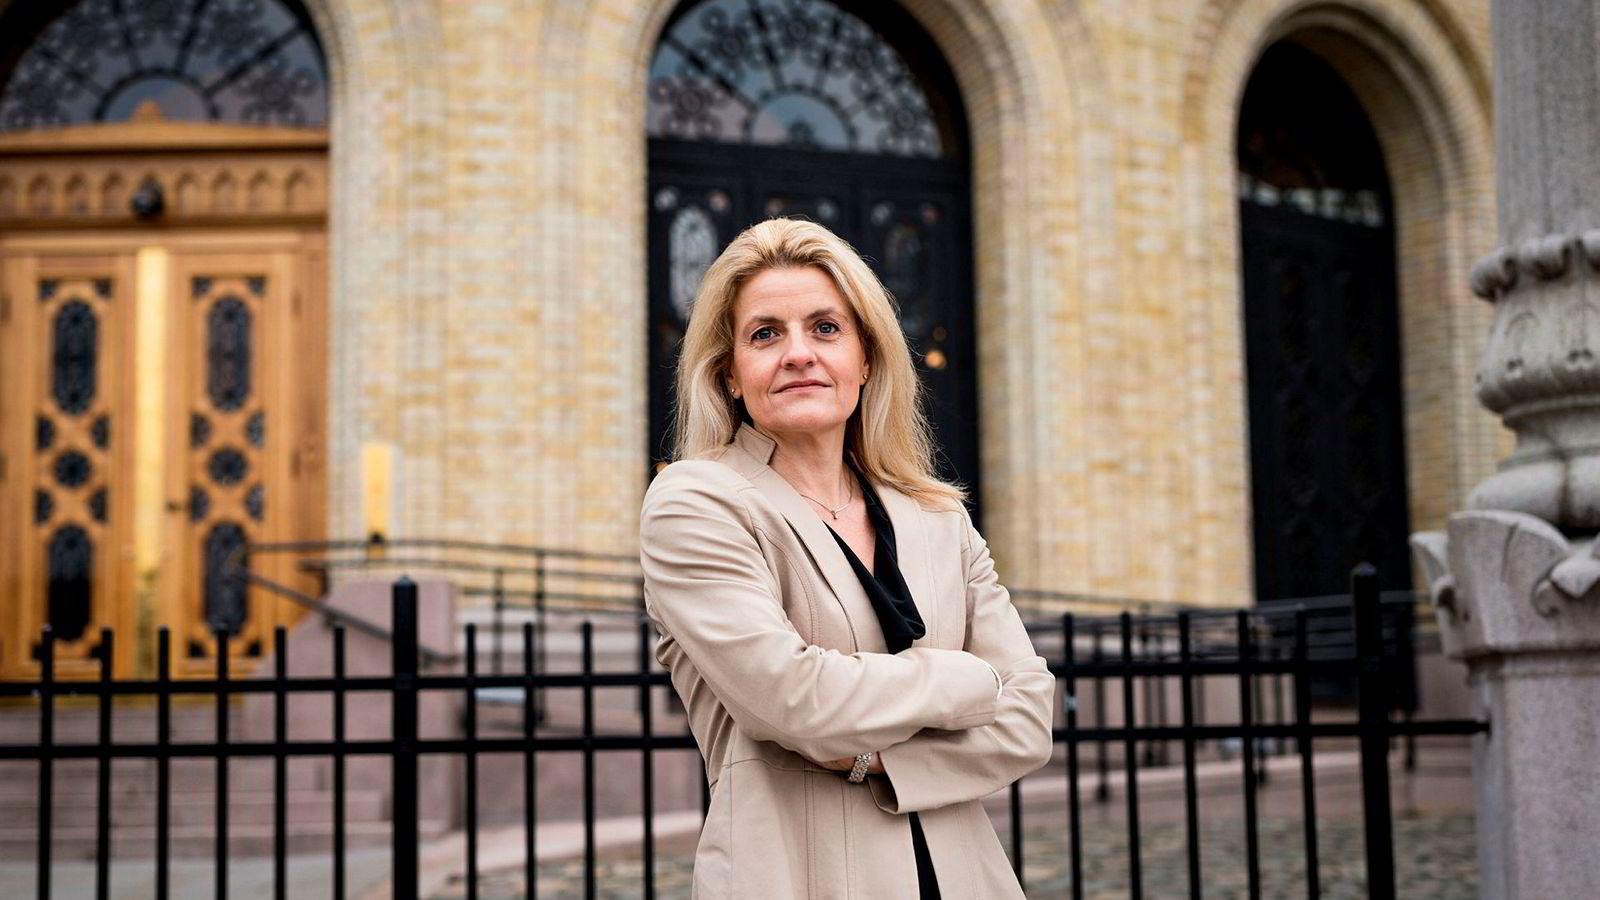 Forbrukerrådets direktør Inger Lise Blyverket.